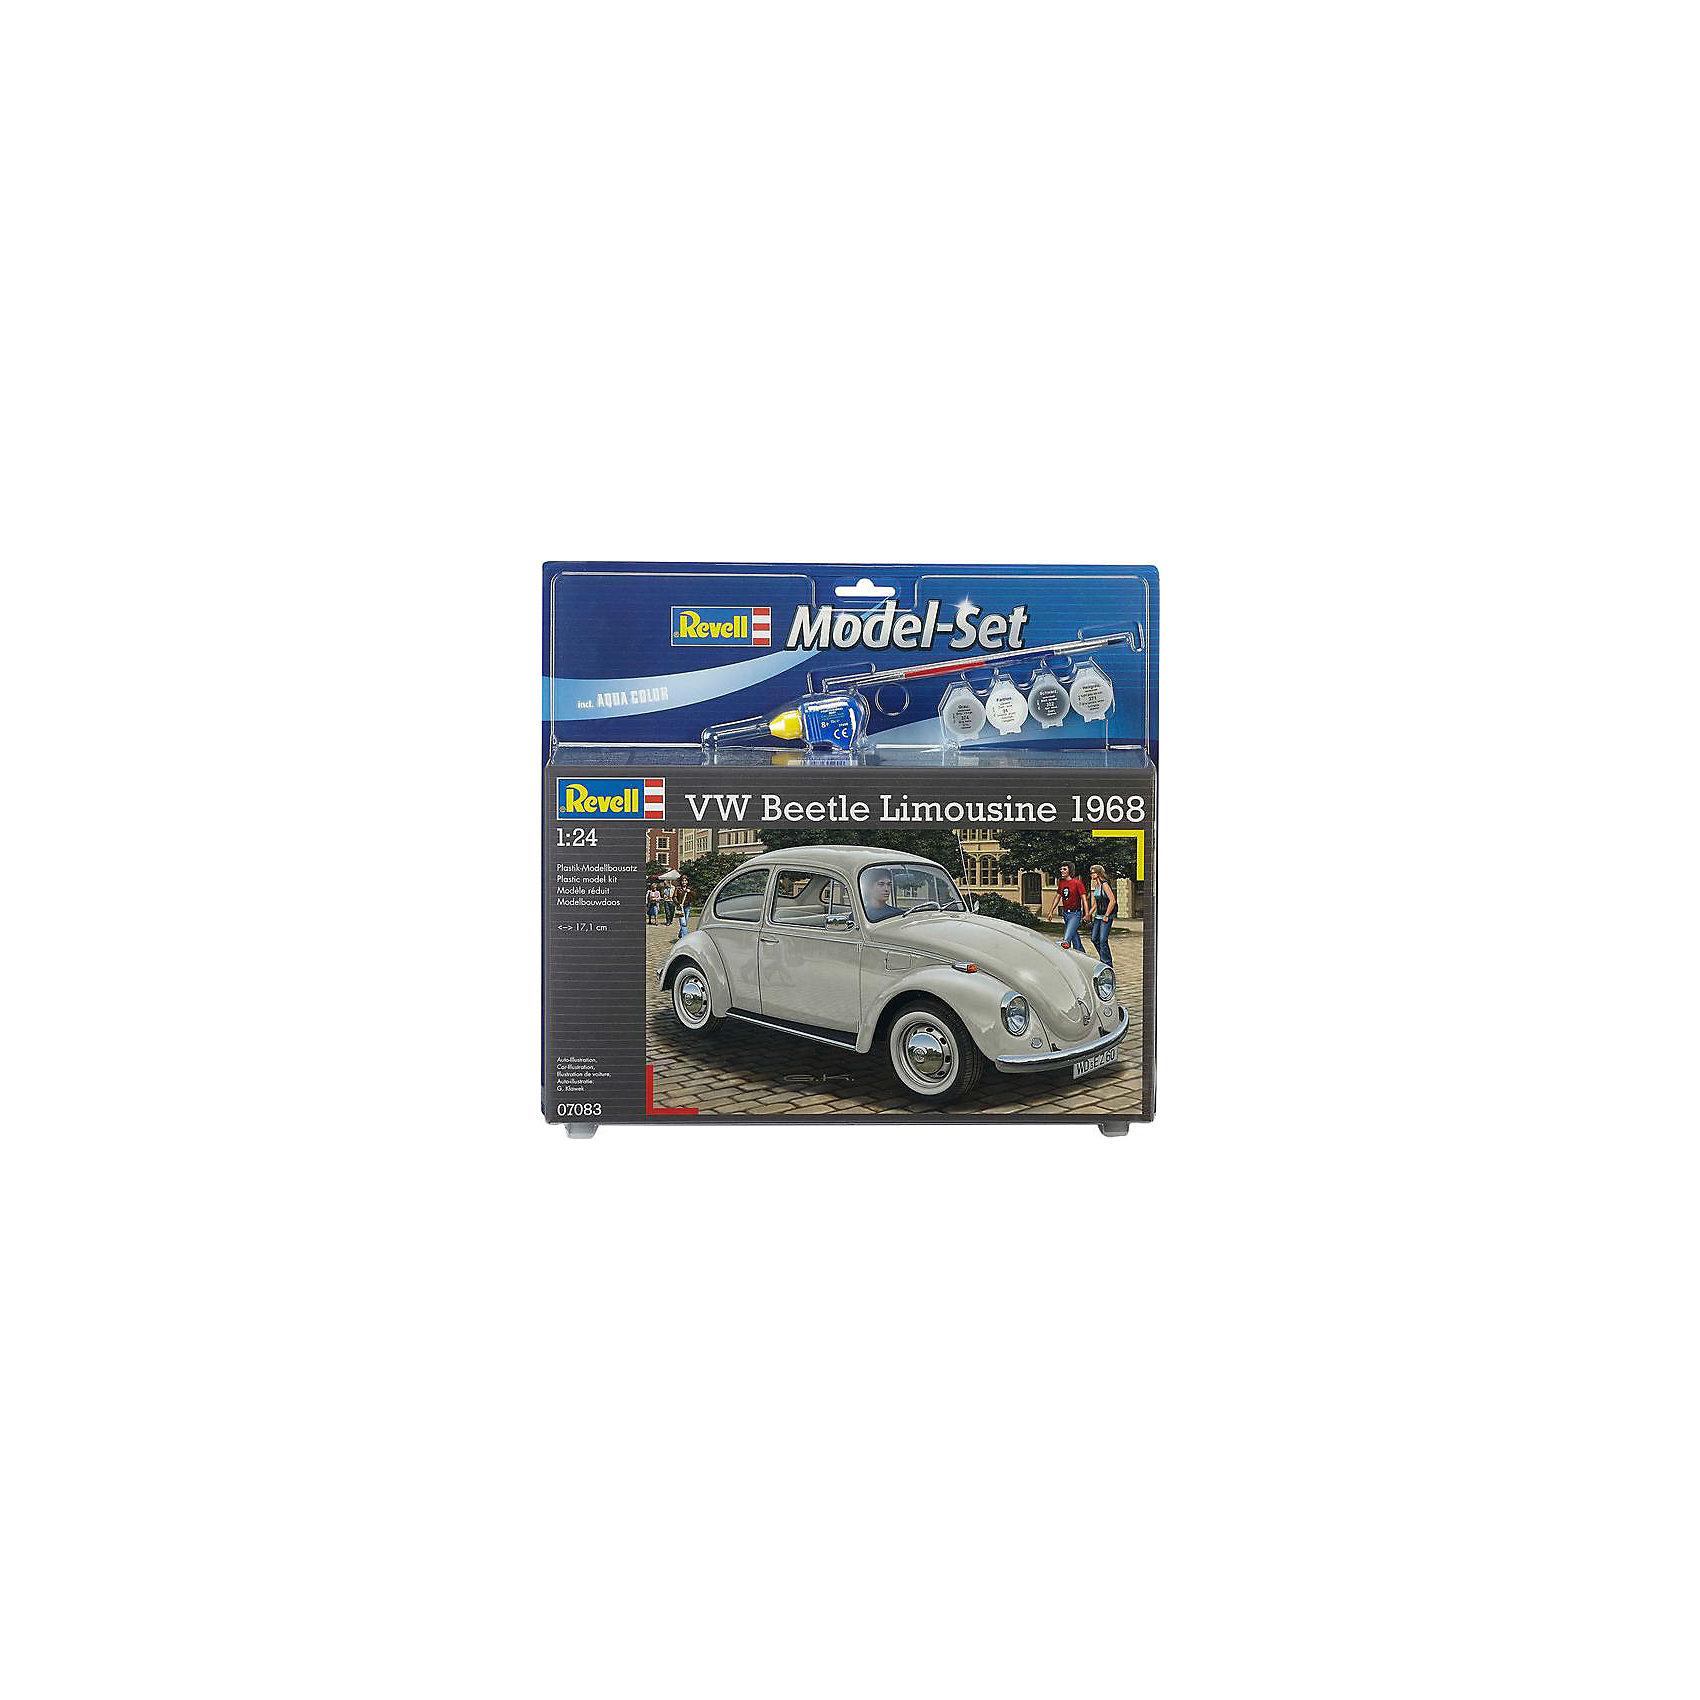 Автомобиль VW Beetle Limousine, RevellАвтомобиль VW Beetle Limousine, Revell (Ревелл) – максимально детализированная модель станет украшением комнаты и дополнением коллекции.<br>Автомобиль VW Beetle Limousine 68 для бесчисленного количества людей был самым первым автомобилем. В конструкцию автомобиля постоянно вносились улучшения для сохранения его конкурентоспособности. И к 1968 году, VW Beetle Limousine достиг такого стандарта, который удерживал его впереди конкурентов многие годы. Сборная модель лимузина Фольксваген Битли является абсолютно точной уменьшенной копией своего прототипа. Модель состоит из 125 деталей, которые необходимо собрать, склеить и покрыть краской в соответствии с инструкцией. В наборе также прилагаются клей в удобной упаковке, краски и кисточка. Модель тщательно проработана. Оригинальный кузов выполнен в мельчайших подробностях, а интерьер машины с подлинной приборной панелью, отдельными передними сиденьями и одним задним превосходно детализированы. Модель может быть собрана как леворульной, так и праворульной. Макет автомобиля имеет вращающиеся колёса, которые выглядят совсем как настоящие, открывающуюся крышку капота, под которой располагается высокодетализированный четырёхцилиндровый двигатель. А для ещё большей достоверности, некоторые части модели хромированы. Разработанная для детей от 10 лет, сборная модель VW Beetle Limousine, определённо, принесёт массу положительных эмоций и взрослым любителям моделирования. Моделирование считается одним из наиболее полезных хобби, ведь оно развивает интеллектуальные и инструментальные способности, воображение и конструктивное мышление.<br><br>Дополнительная информация:<br><br>- Возраст: для детей старше 10-и лет<br>- В наборе: комплект пластиковых деталей для сборки модели, декаль (наклейки), набор красок, кисточка, клей, резиновые покрышки, схема для окрашивания модели, инструкция<br>- Количество деталей: 125 шт.<br>- Масштаб: 1:24<br>- Длина модели: 171 мм.<br>- Уровень сложности: 3 (из 5)<br>- Д